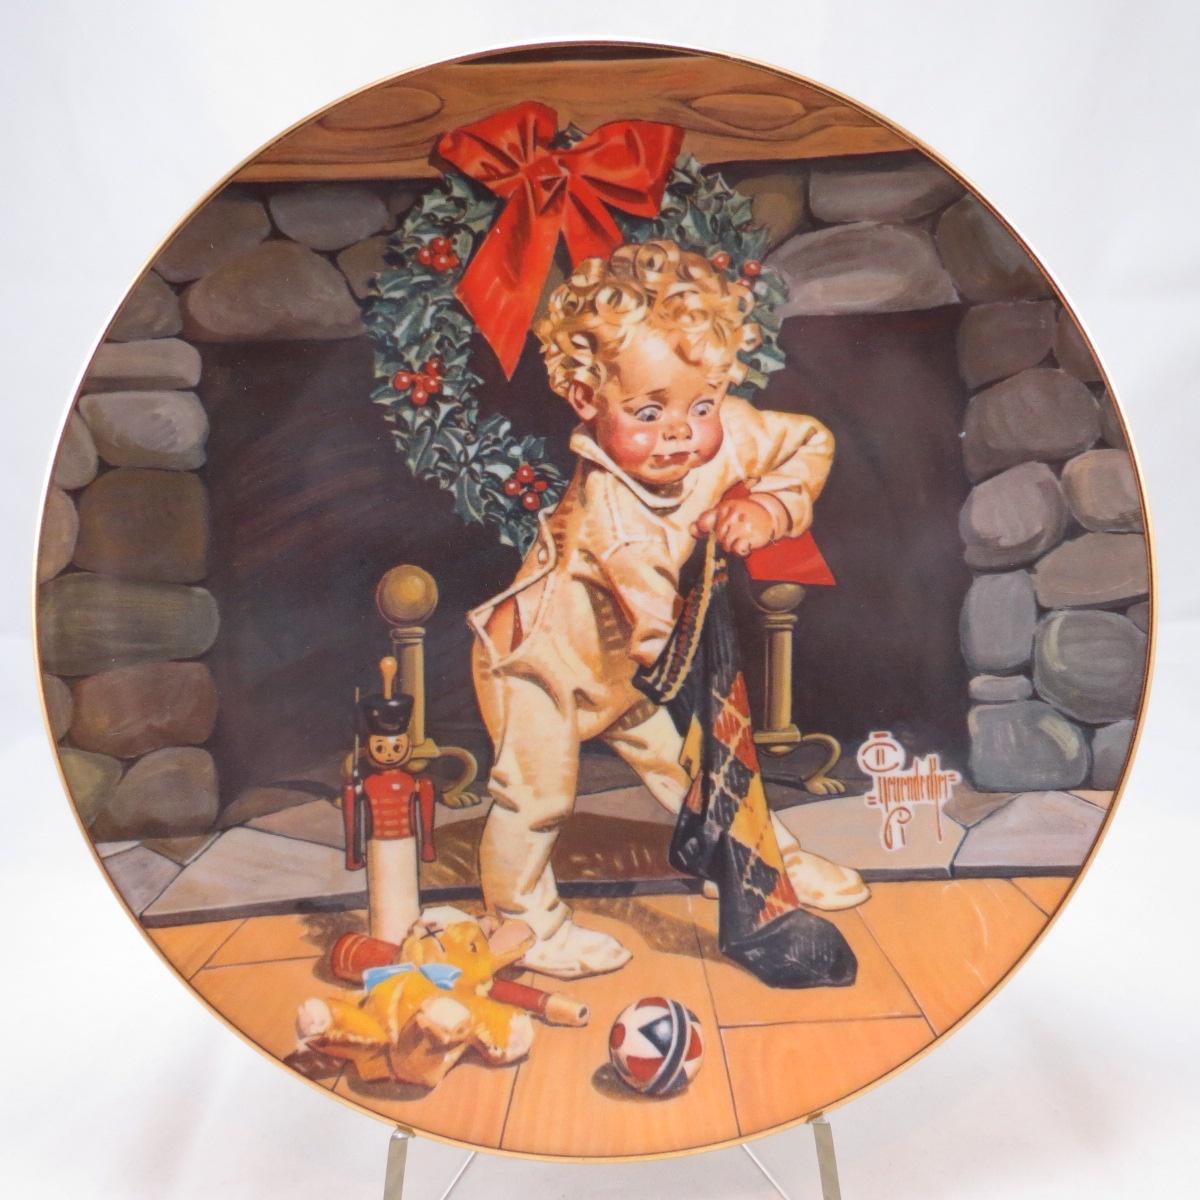 Декоративная коллекционная тарелка Рождественское утро. Фарфор, деколь, золочение. США, RidgeWood Fina China, Джозеф С. Лейендекер, 1975 декоративная коллекционная тарелка мисс америка 1975 фарфор деколь золочение сша ridgewood 1975